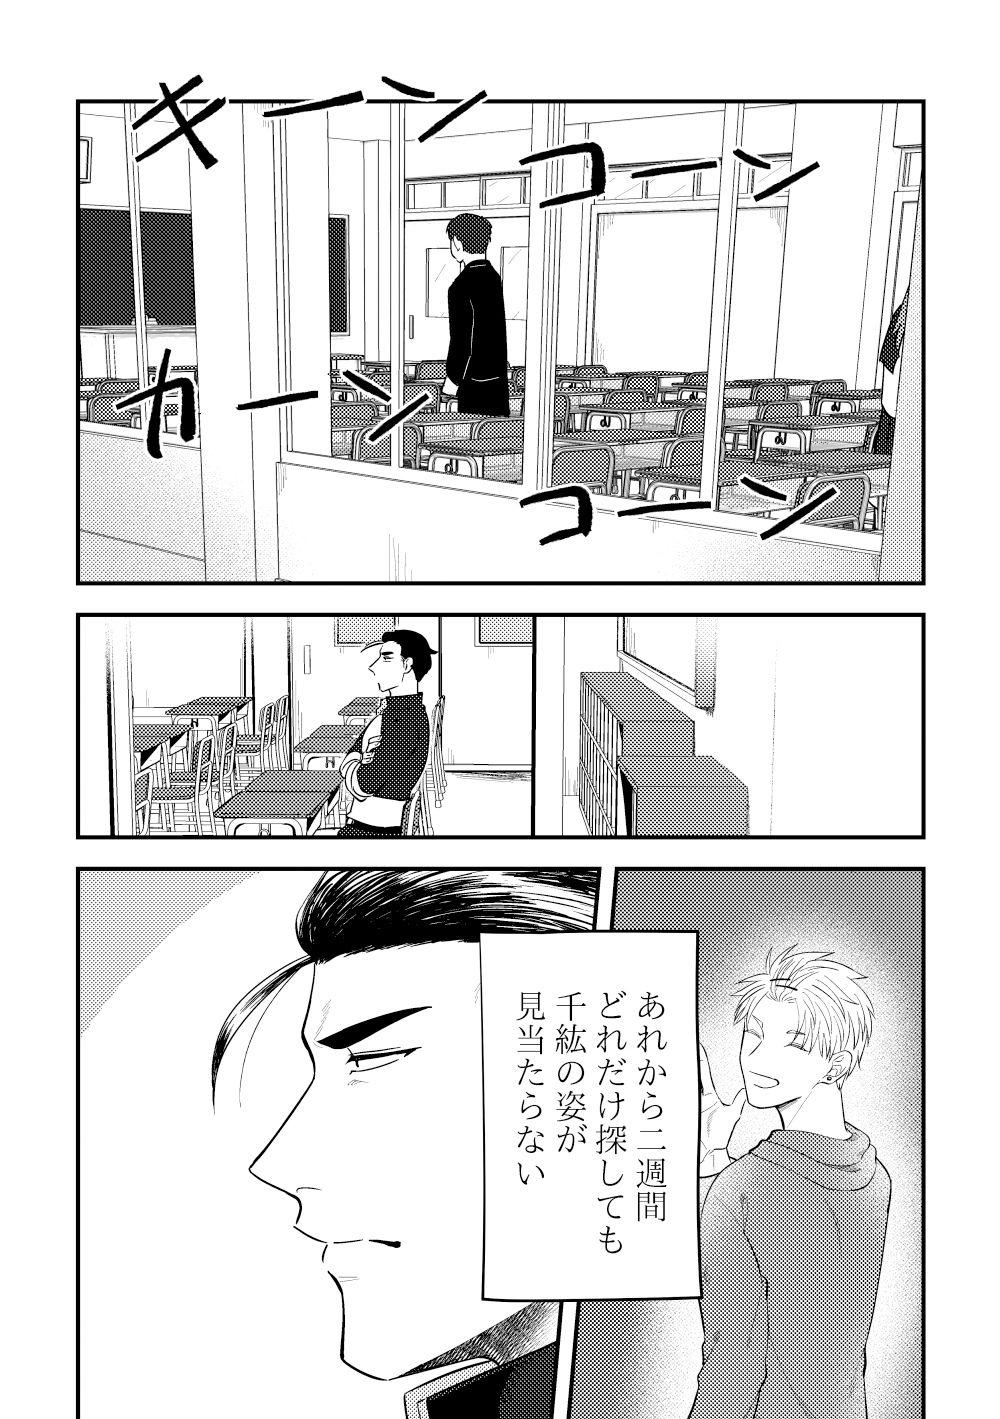 サンプル画像0:チャラ男と番長〜幸せになろうぜ編〜(豪放磊落) [d_188205]